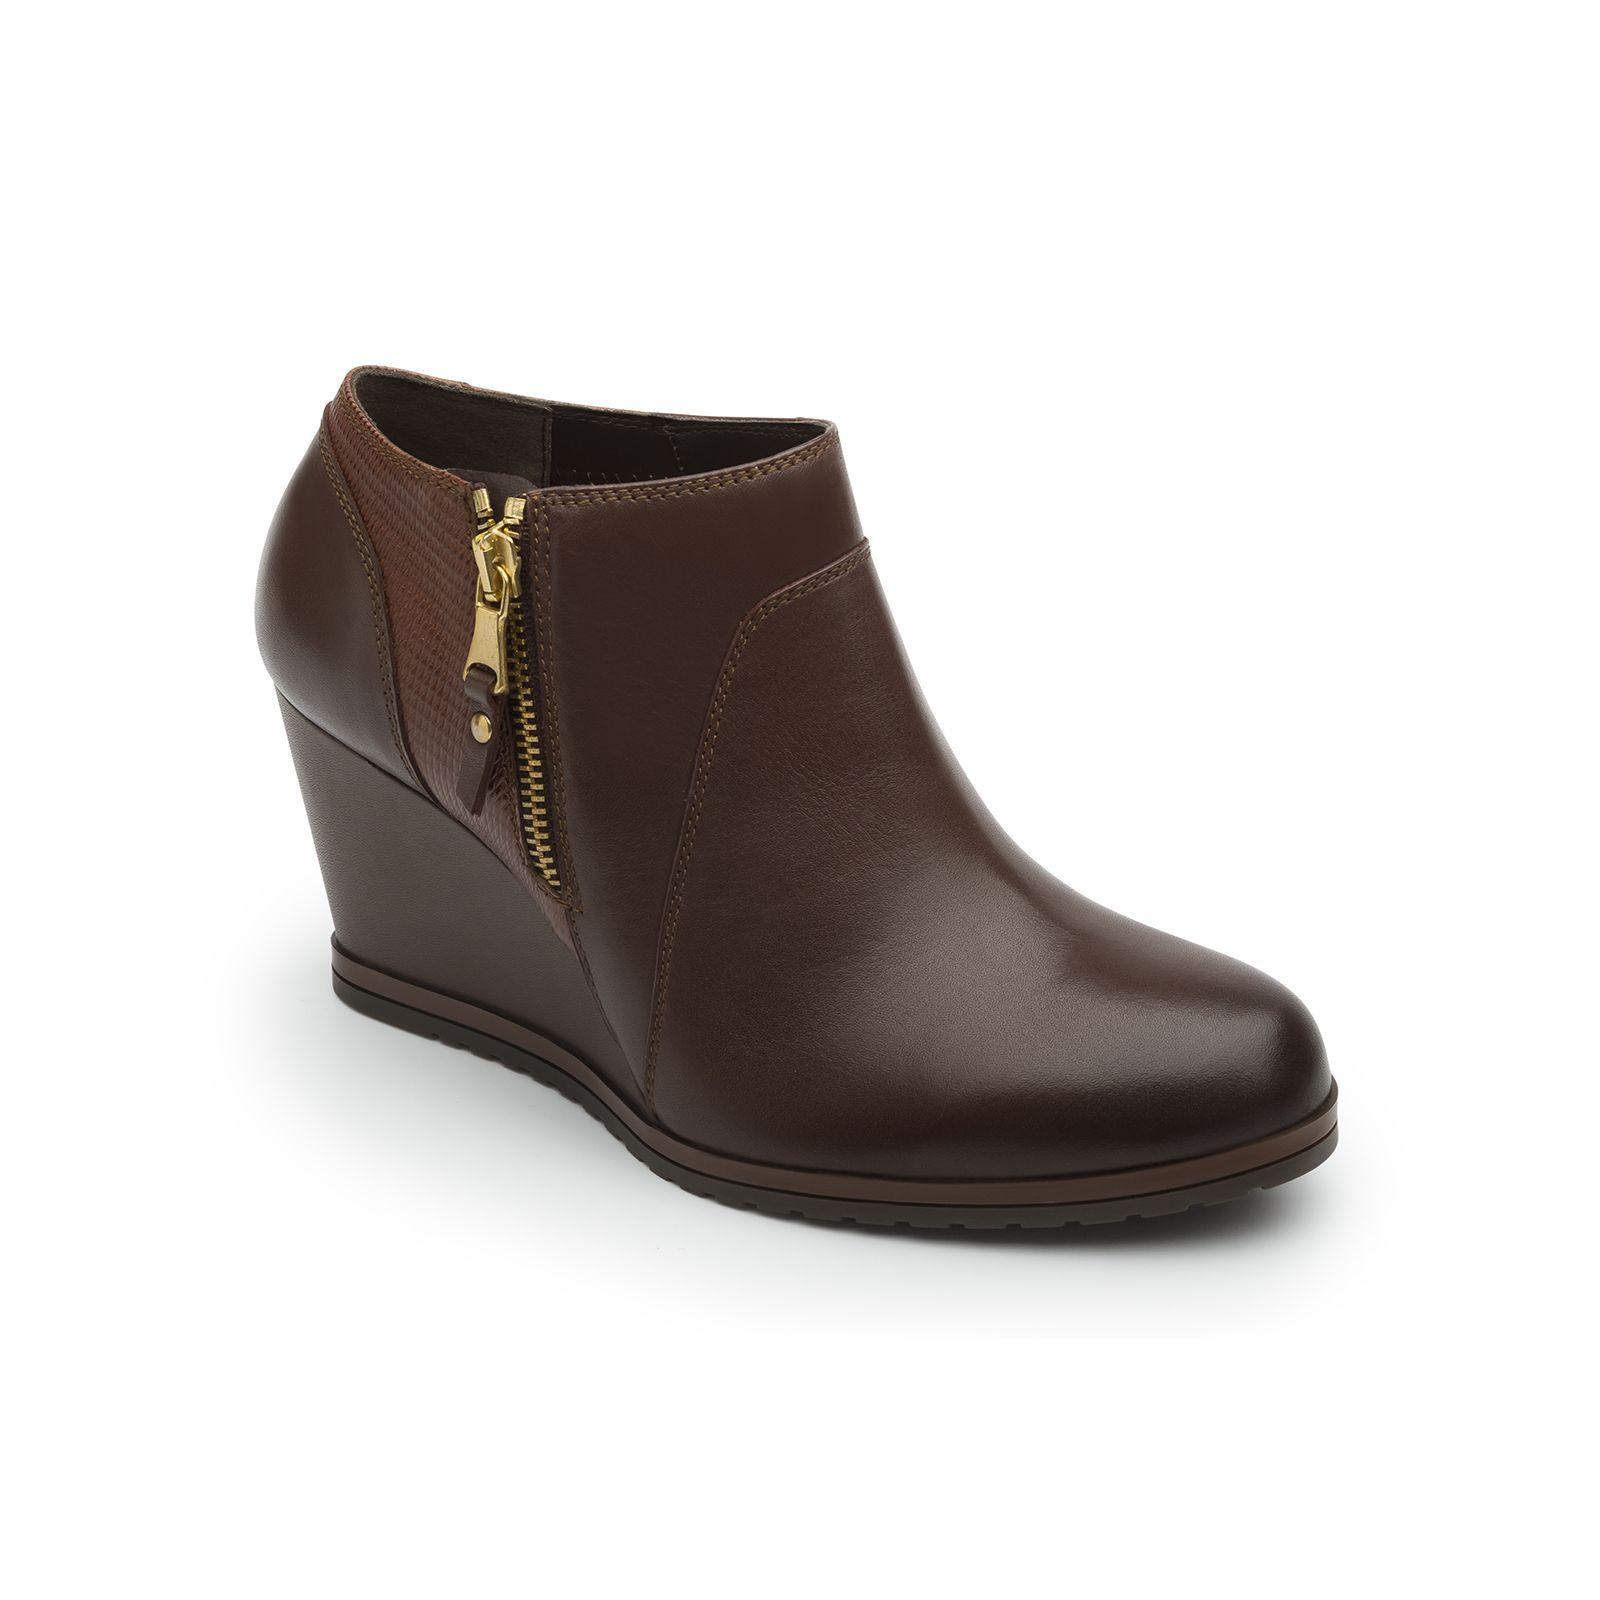 e08b29b5 Nueva línea casual con suela de cuña alta forrada en el mismo tono que el  color del zapato con patín dentando para dar un look moderno. diseños en ...